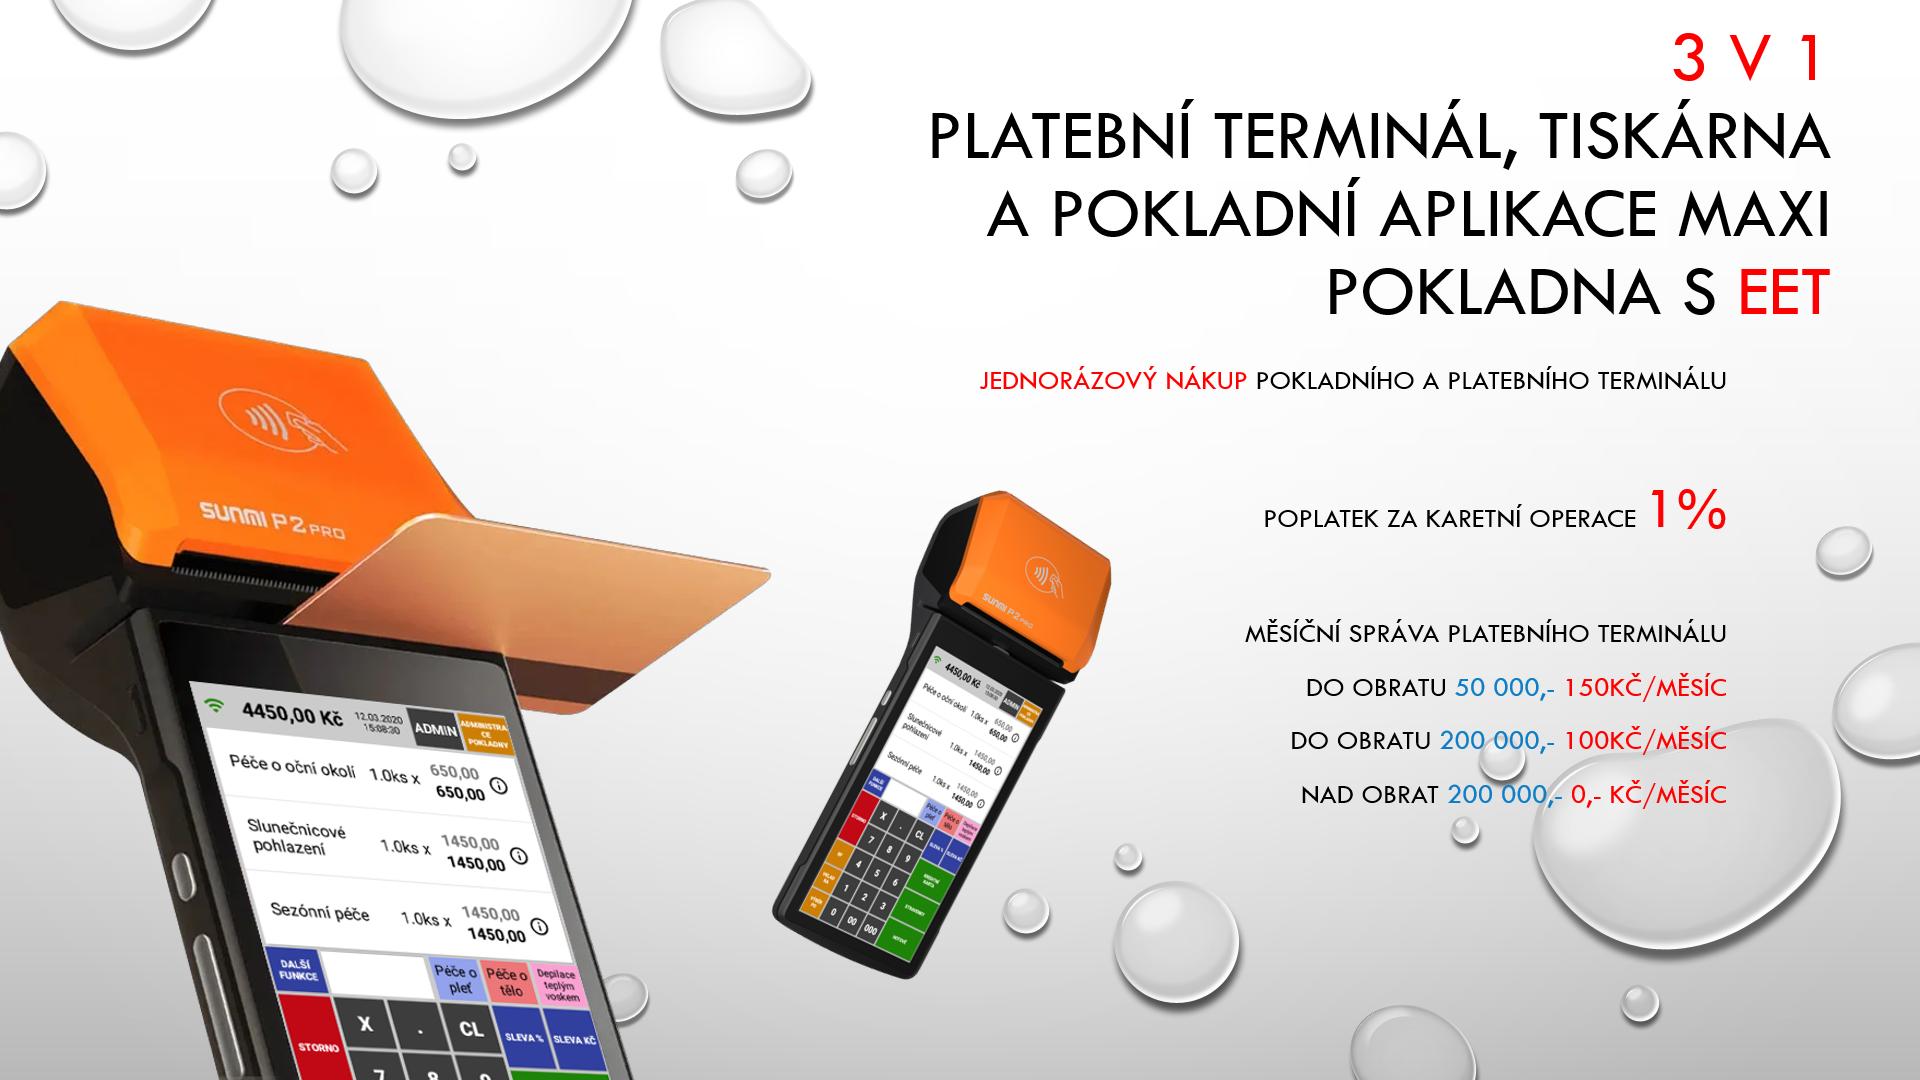 3 v 1 Platební terminál + pokladní aplikace MAXI + tiskárna